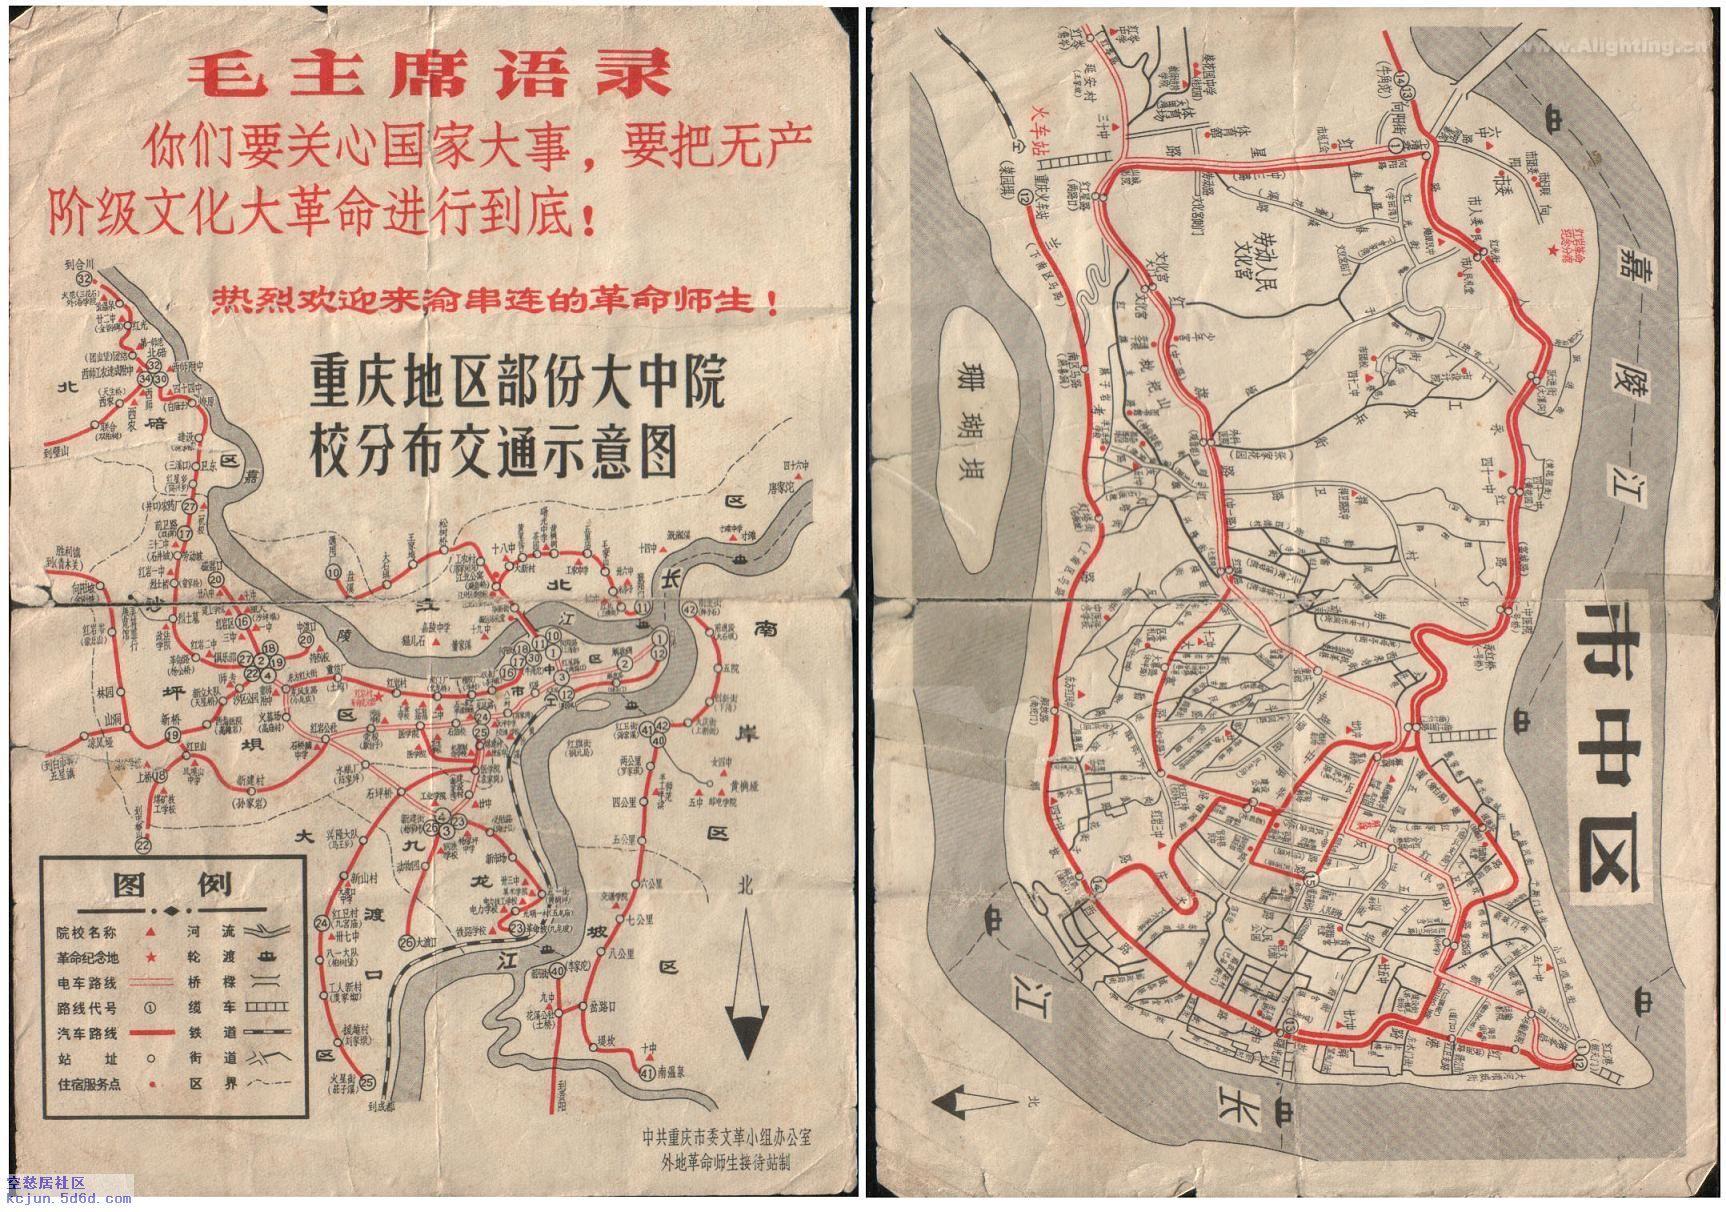 重庆朝天门手绘地图